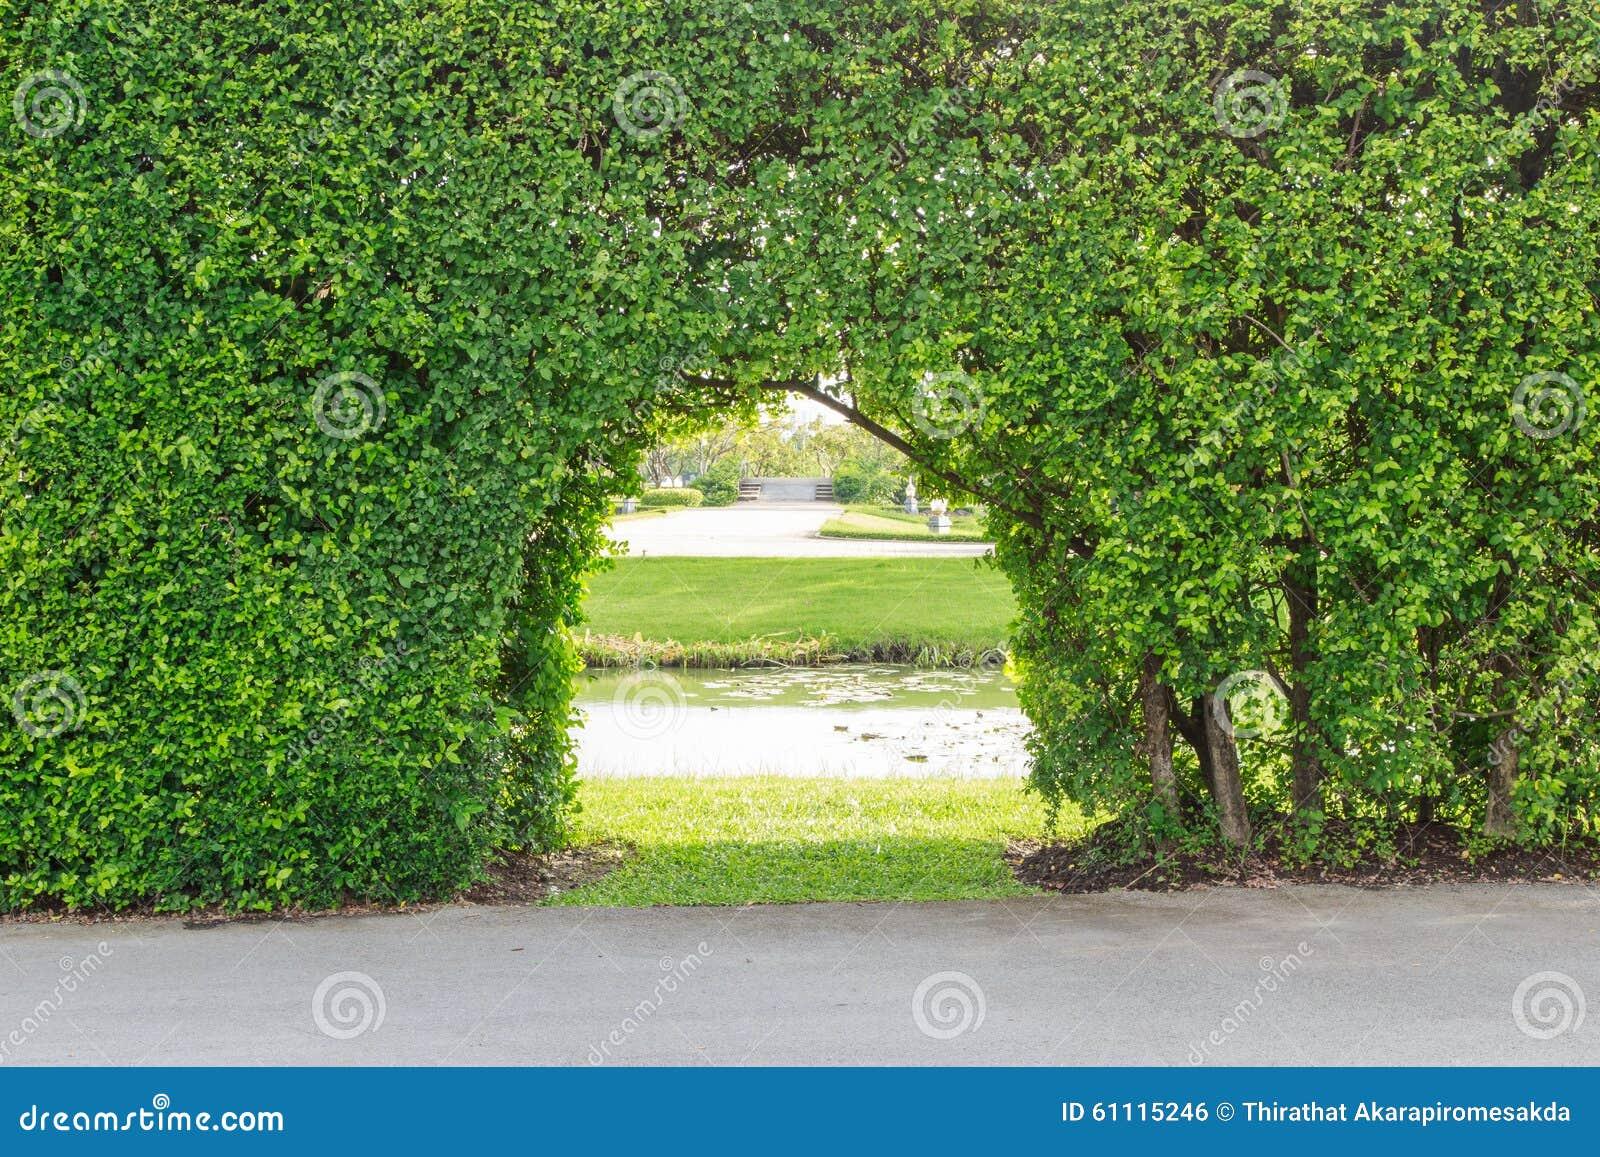 Beautiful garden trees 28 images garden design and for Most beautiful garden trees